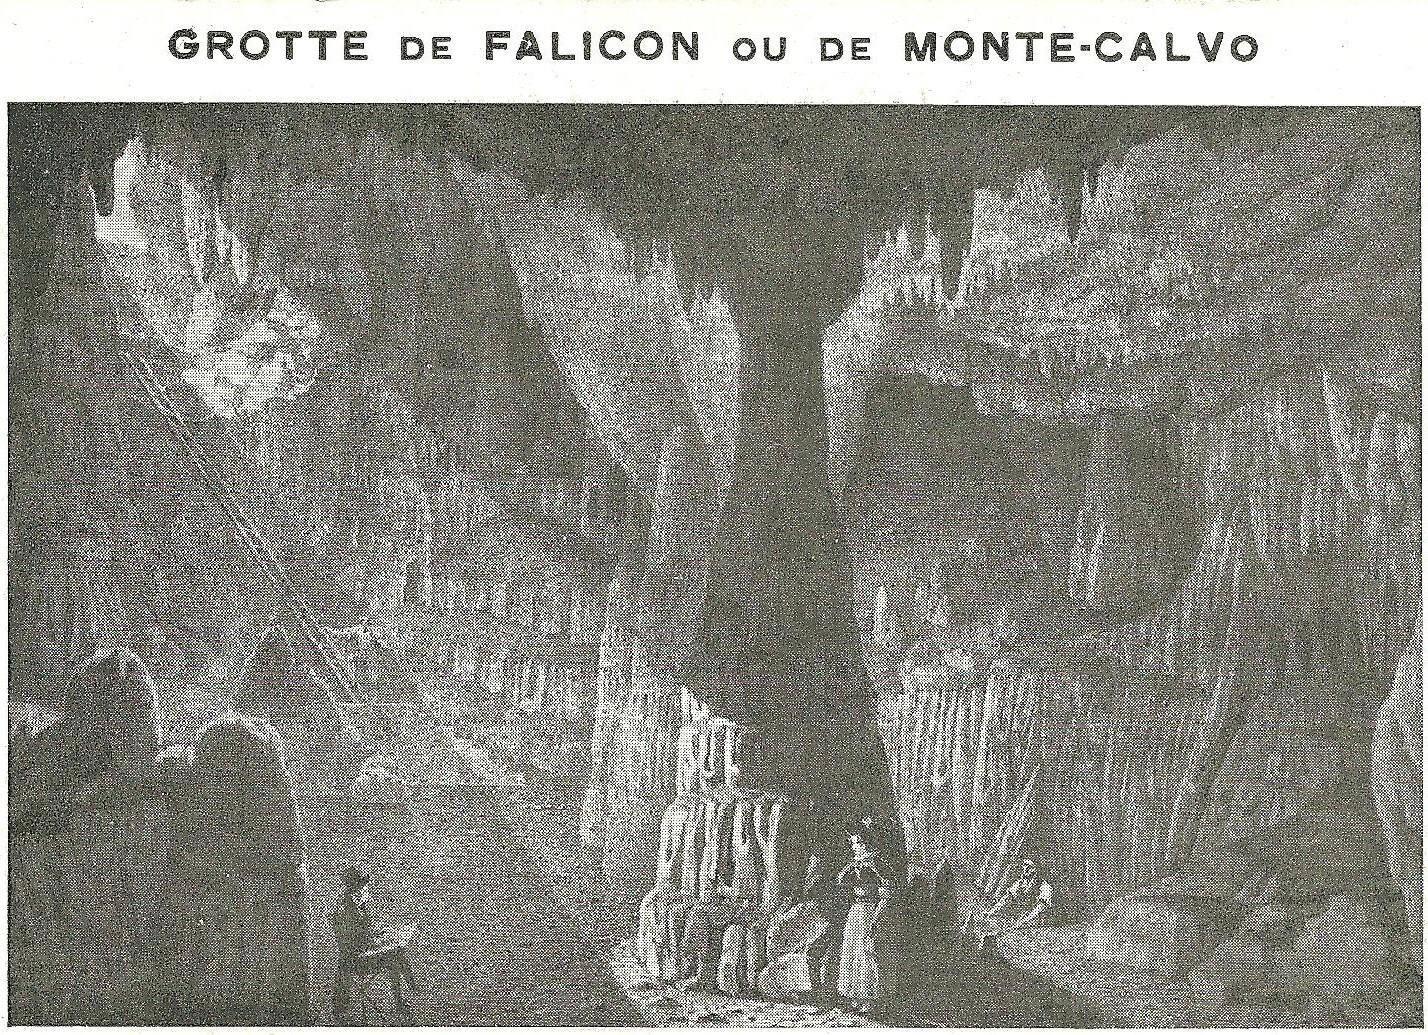 Grotte des Ratapignata, encore appelée de Falicon ou de Monte calvo (Mont chauve), sans doute extraite de Domenico Rossetti, La grotta di Monte Calvo, 1804